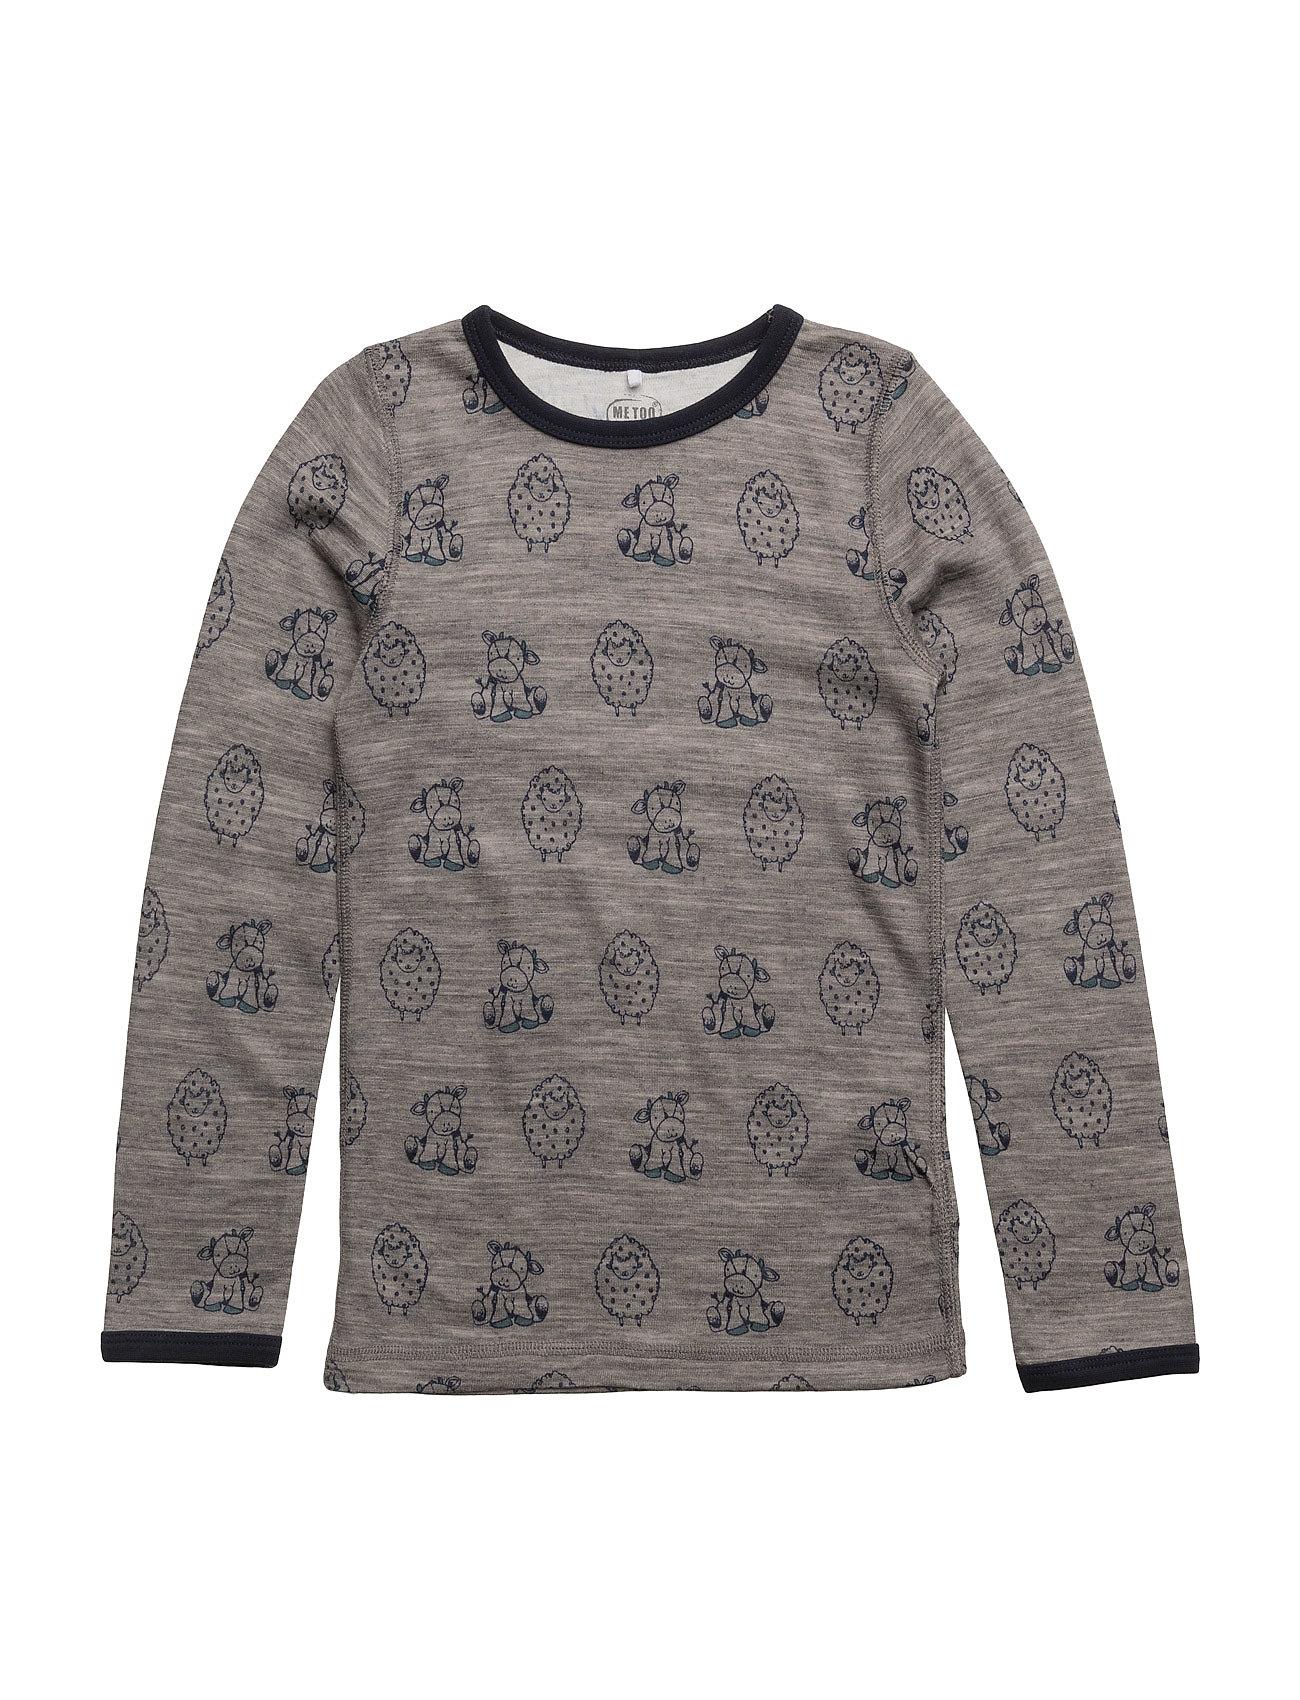 4496 - Top N.O.O.S MeToo Langærmede t-shirts til Børn i